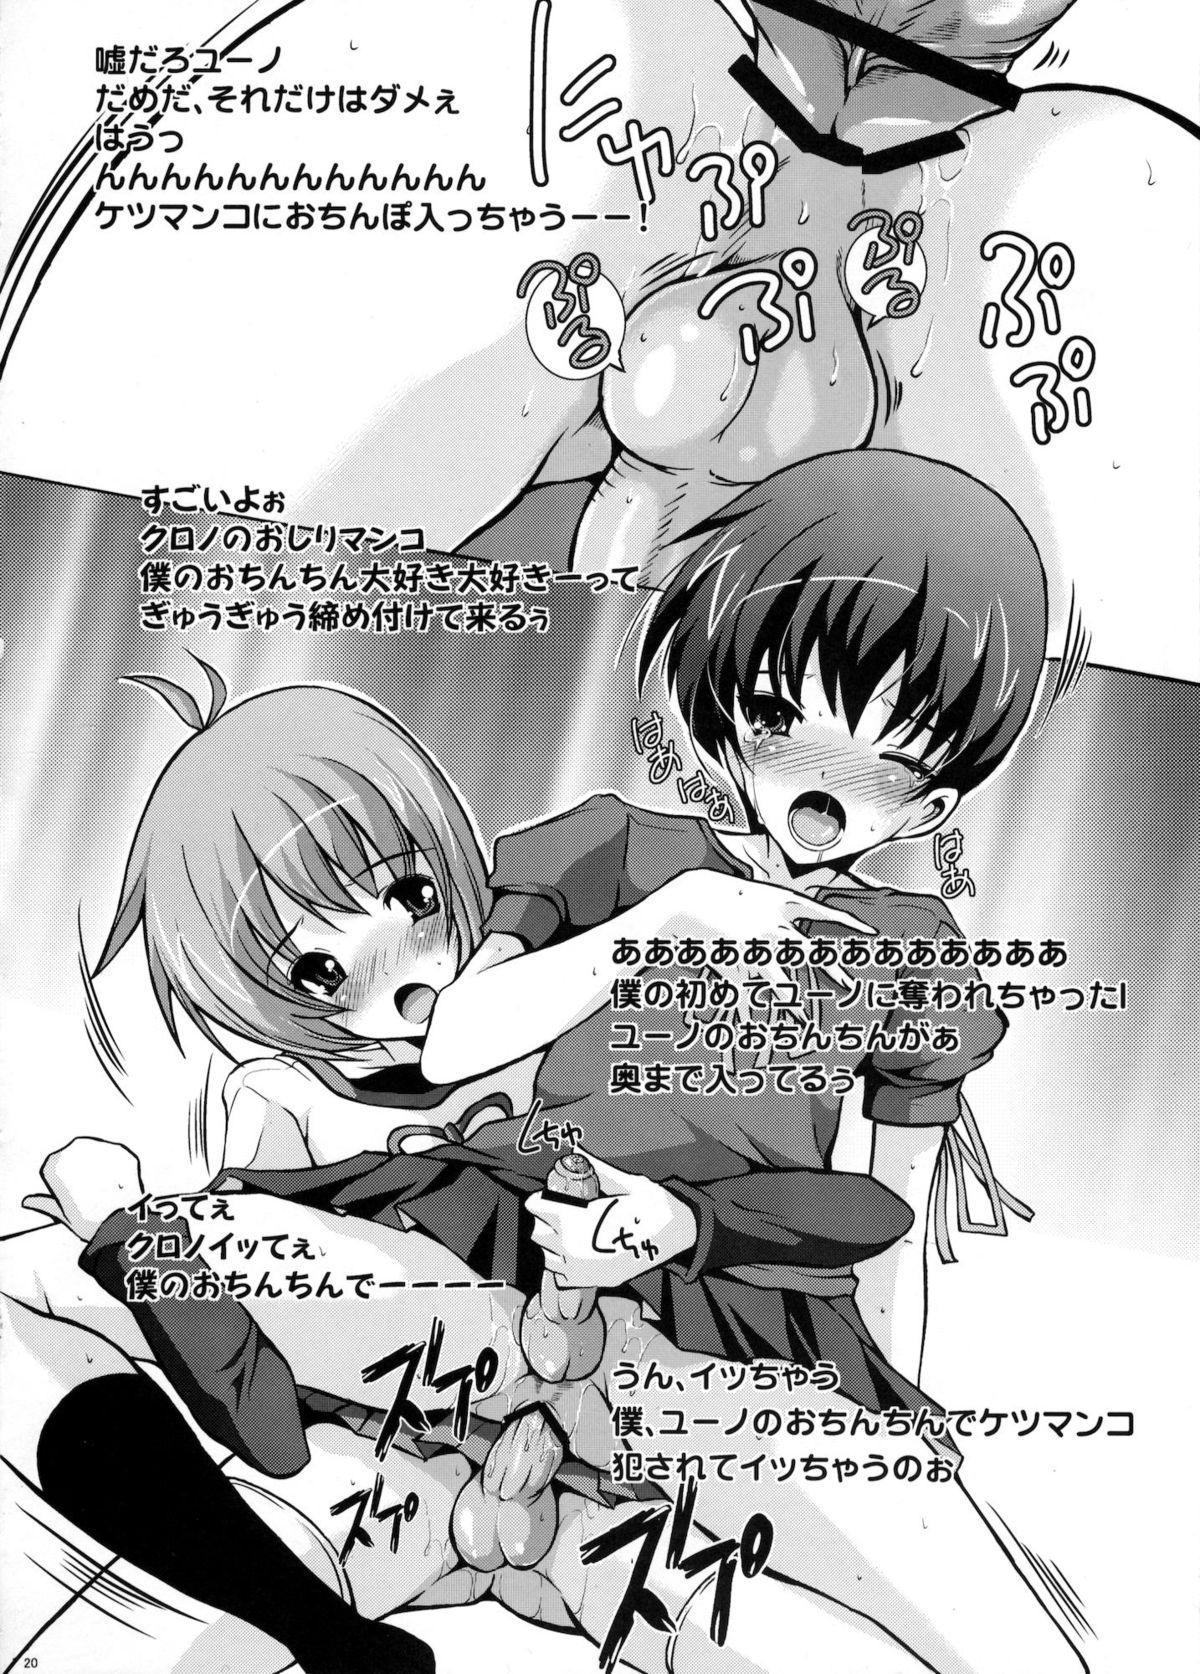 Yuno x Chrono 18